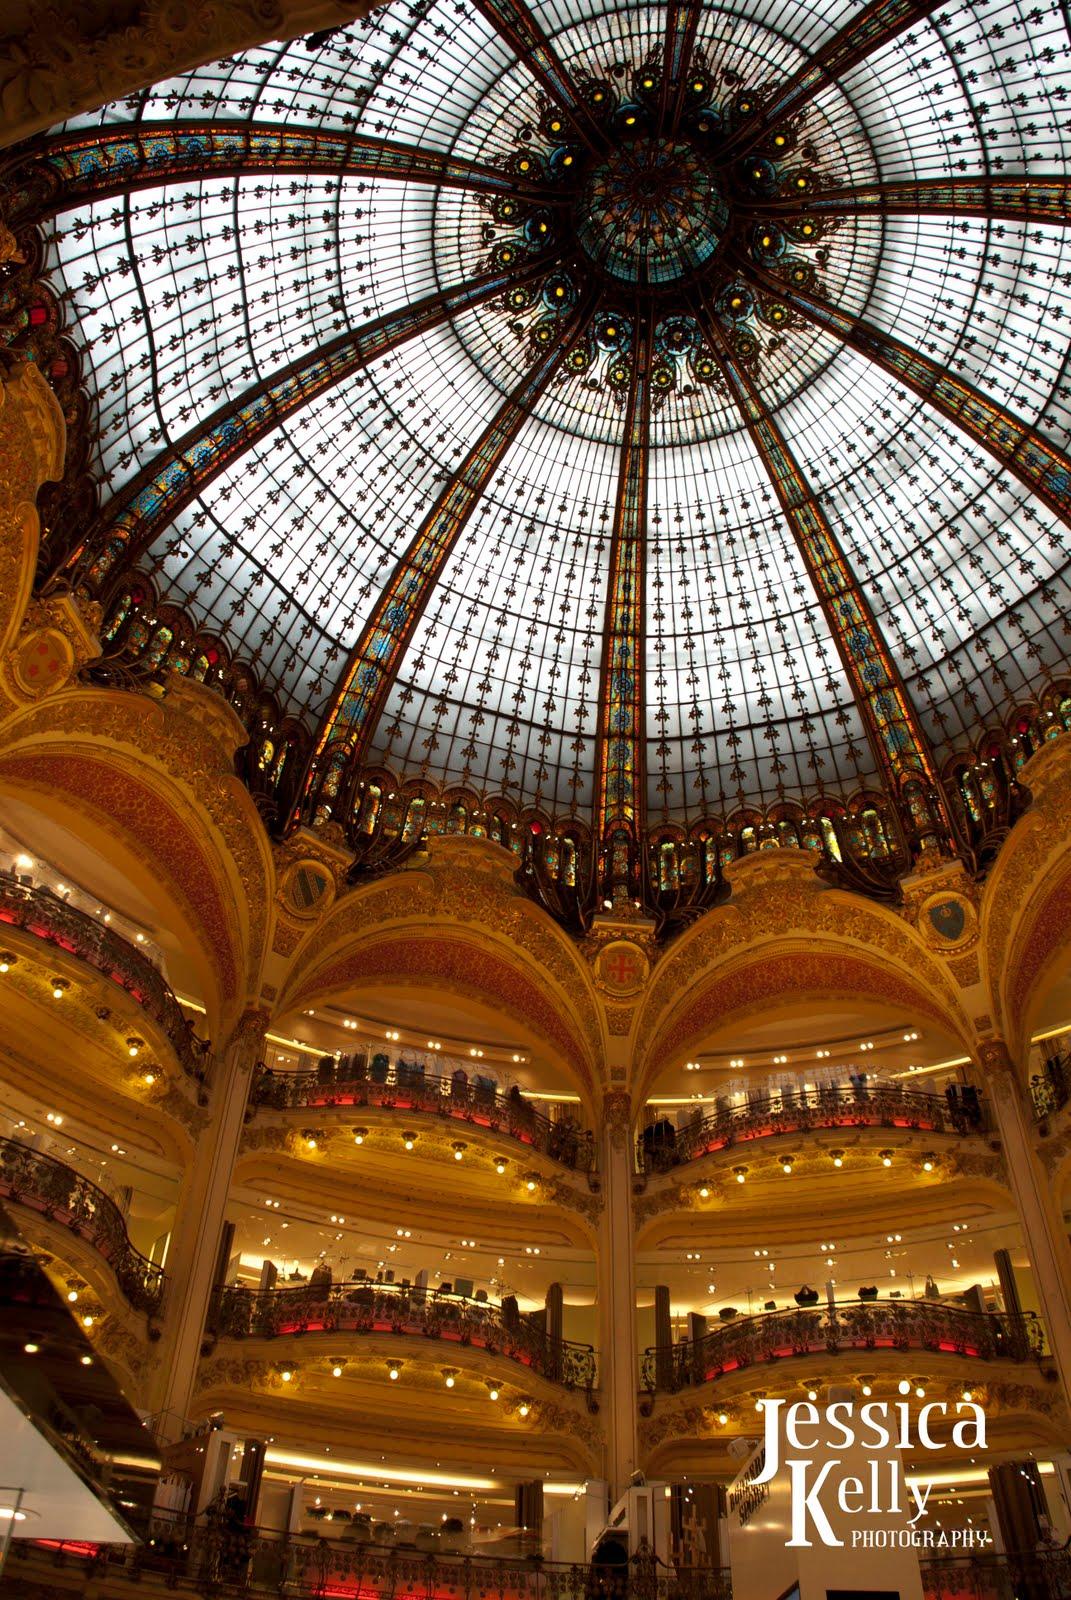 http://2.bp.blogspot.com/_Ch1uPZMSfbc/TCO7KkAyPJI/AAAAAAAAB8s/3p5uDQ5R0MM/s1600/Paris+Trip_808.jpg